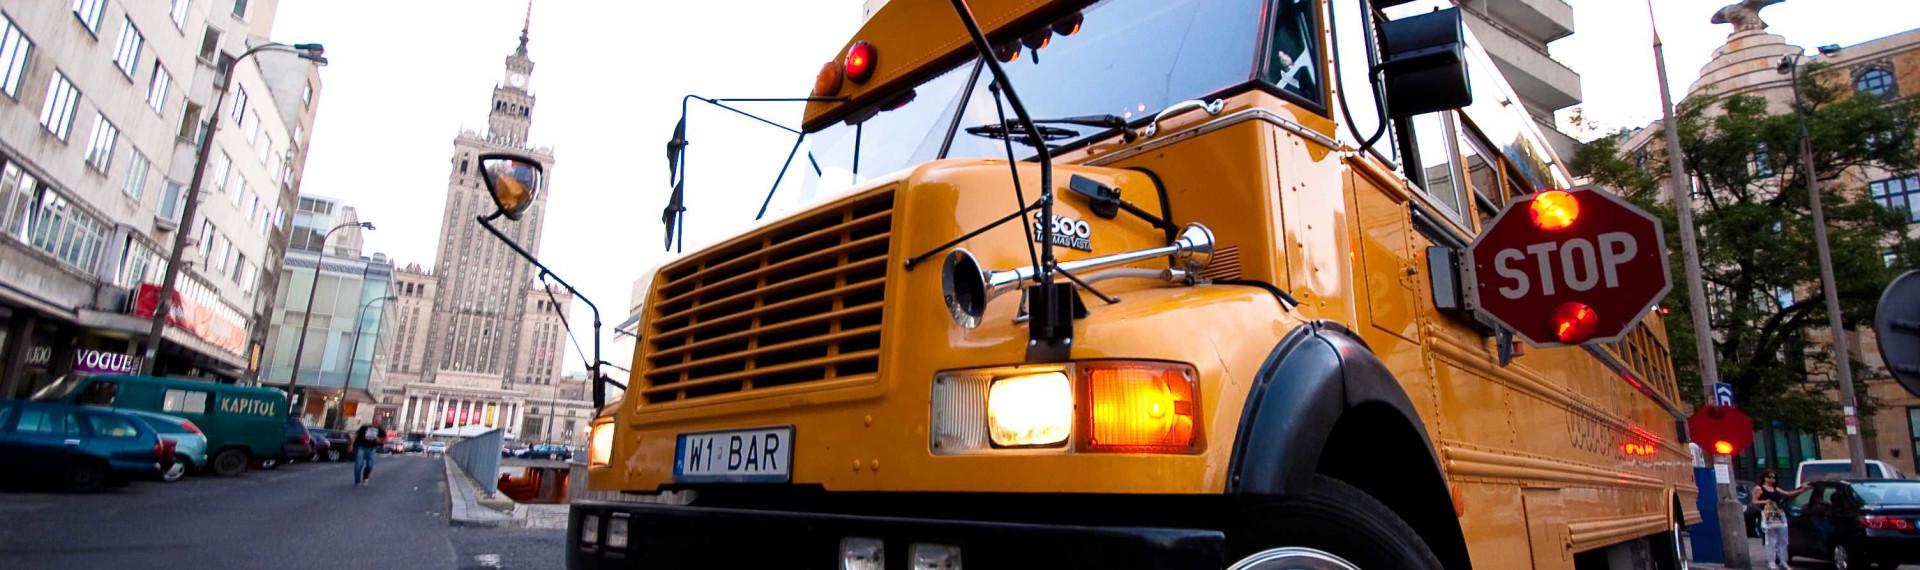 School Party Bus Warsaw (3)